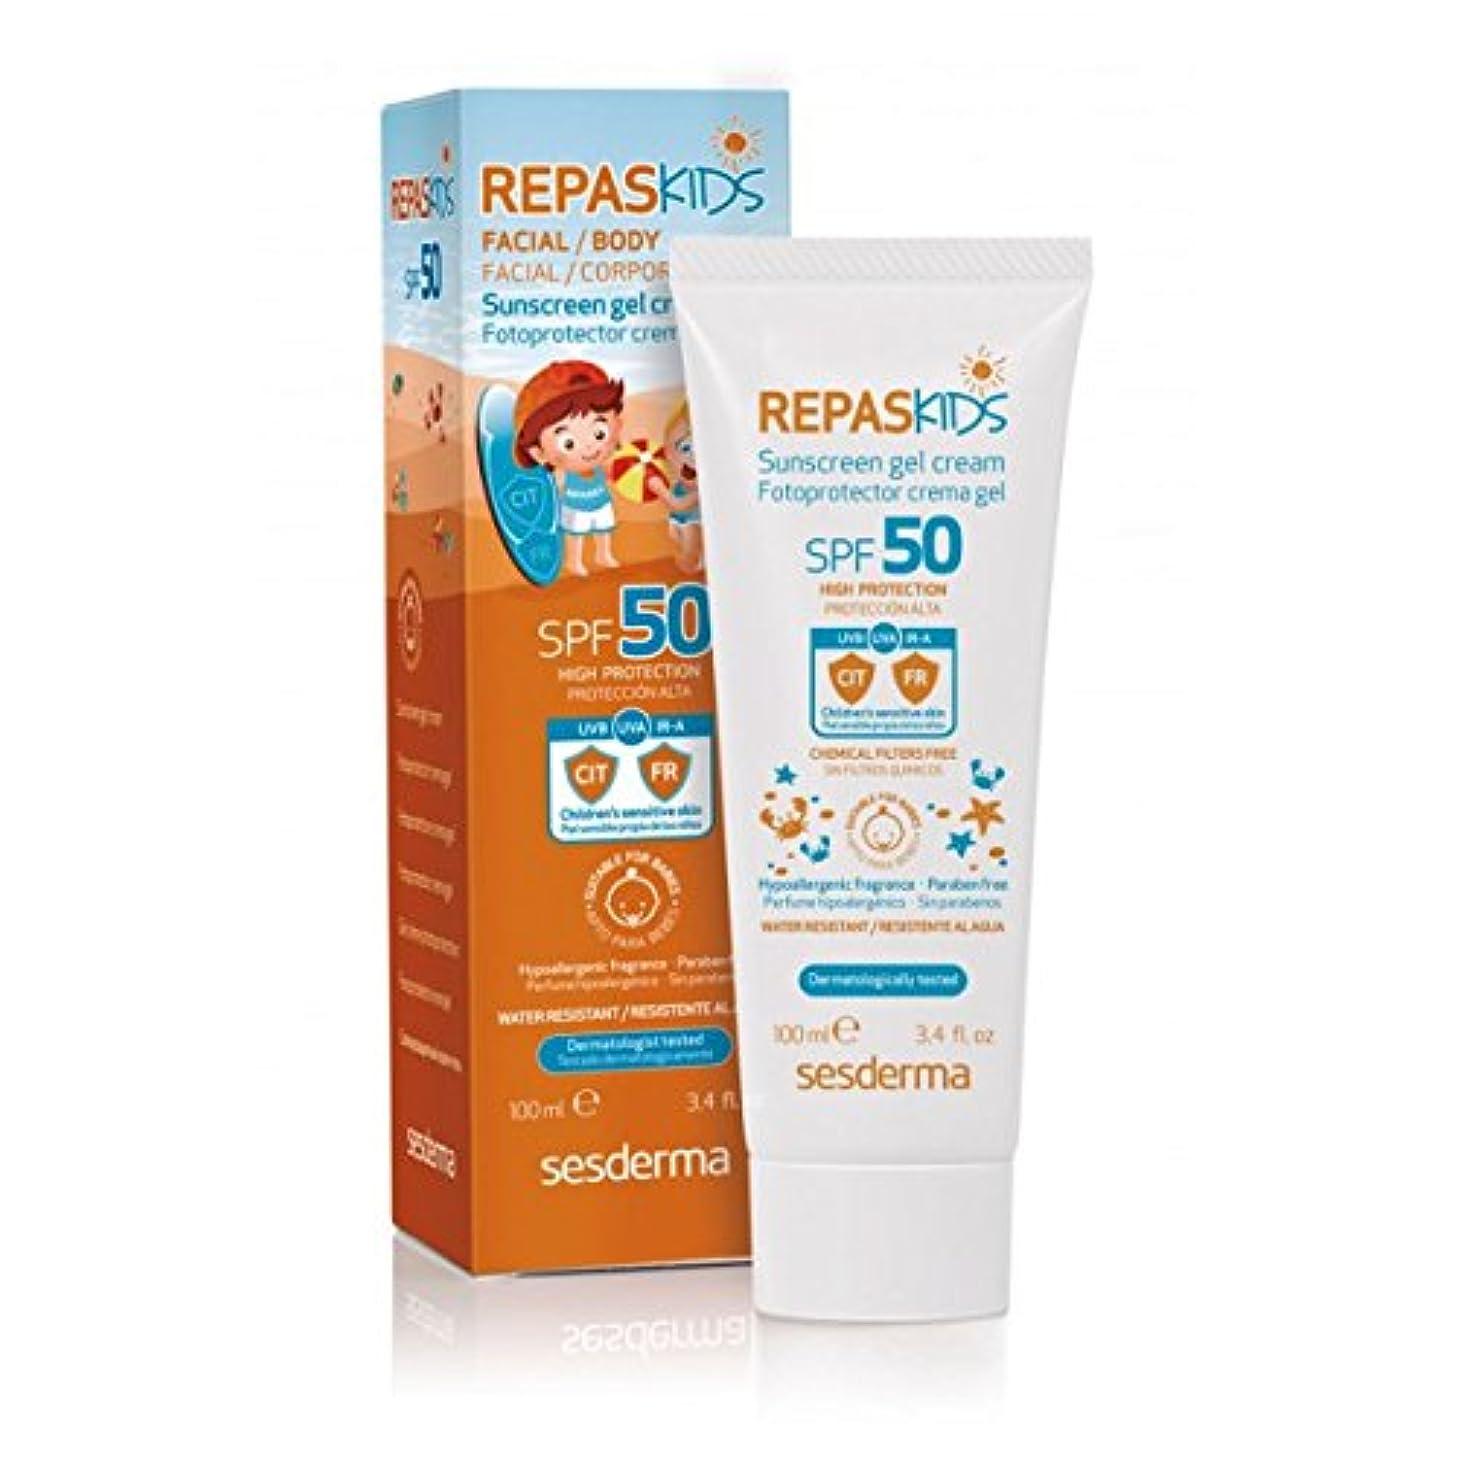 ディスクによると仕出しますSesderma Repaskids Sunscreen Gel Cream Spf50 100ml [並行輸入品]